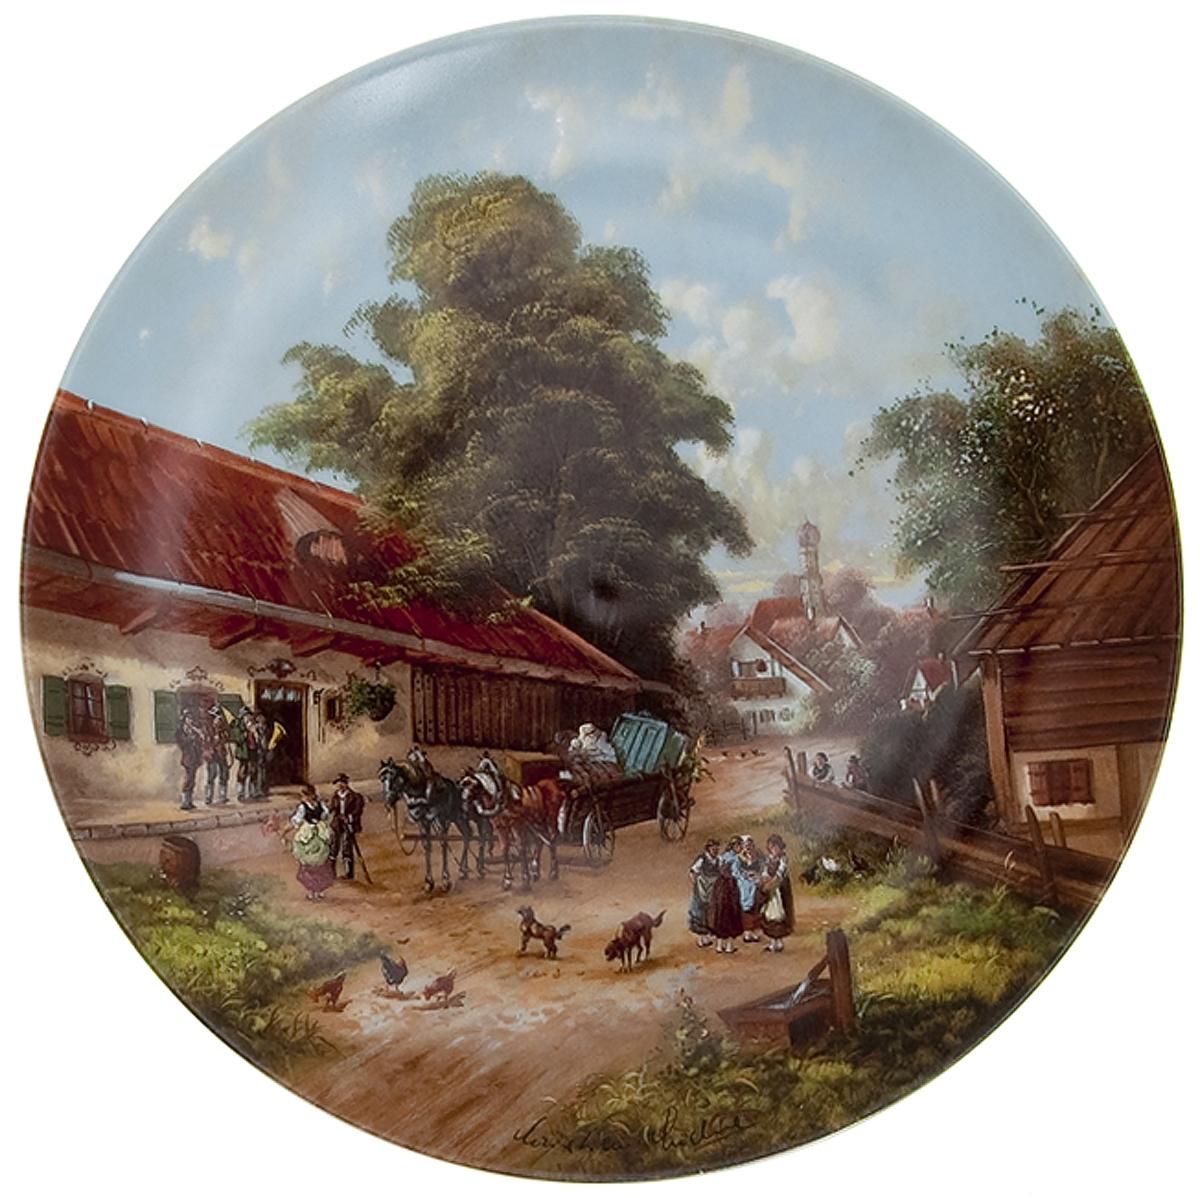 """Кристиан Люкель """"Свадебный дом"""", декоративная тарелка. Фарфор, деколь с подрисовкой. Seltmann Weiden, Германия, 1987 год"""